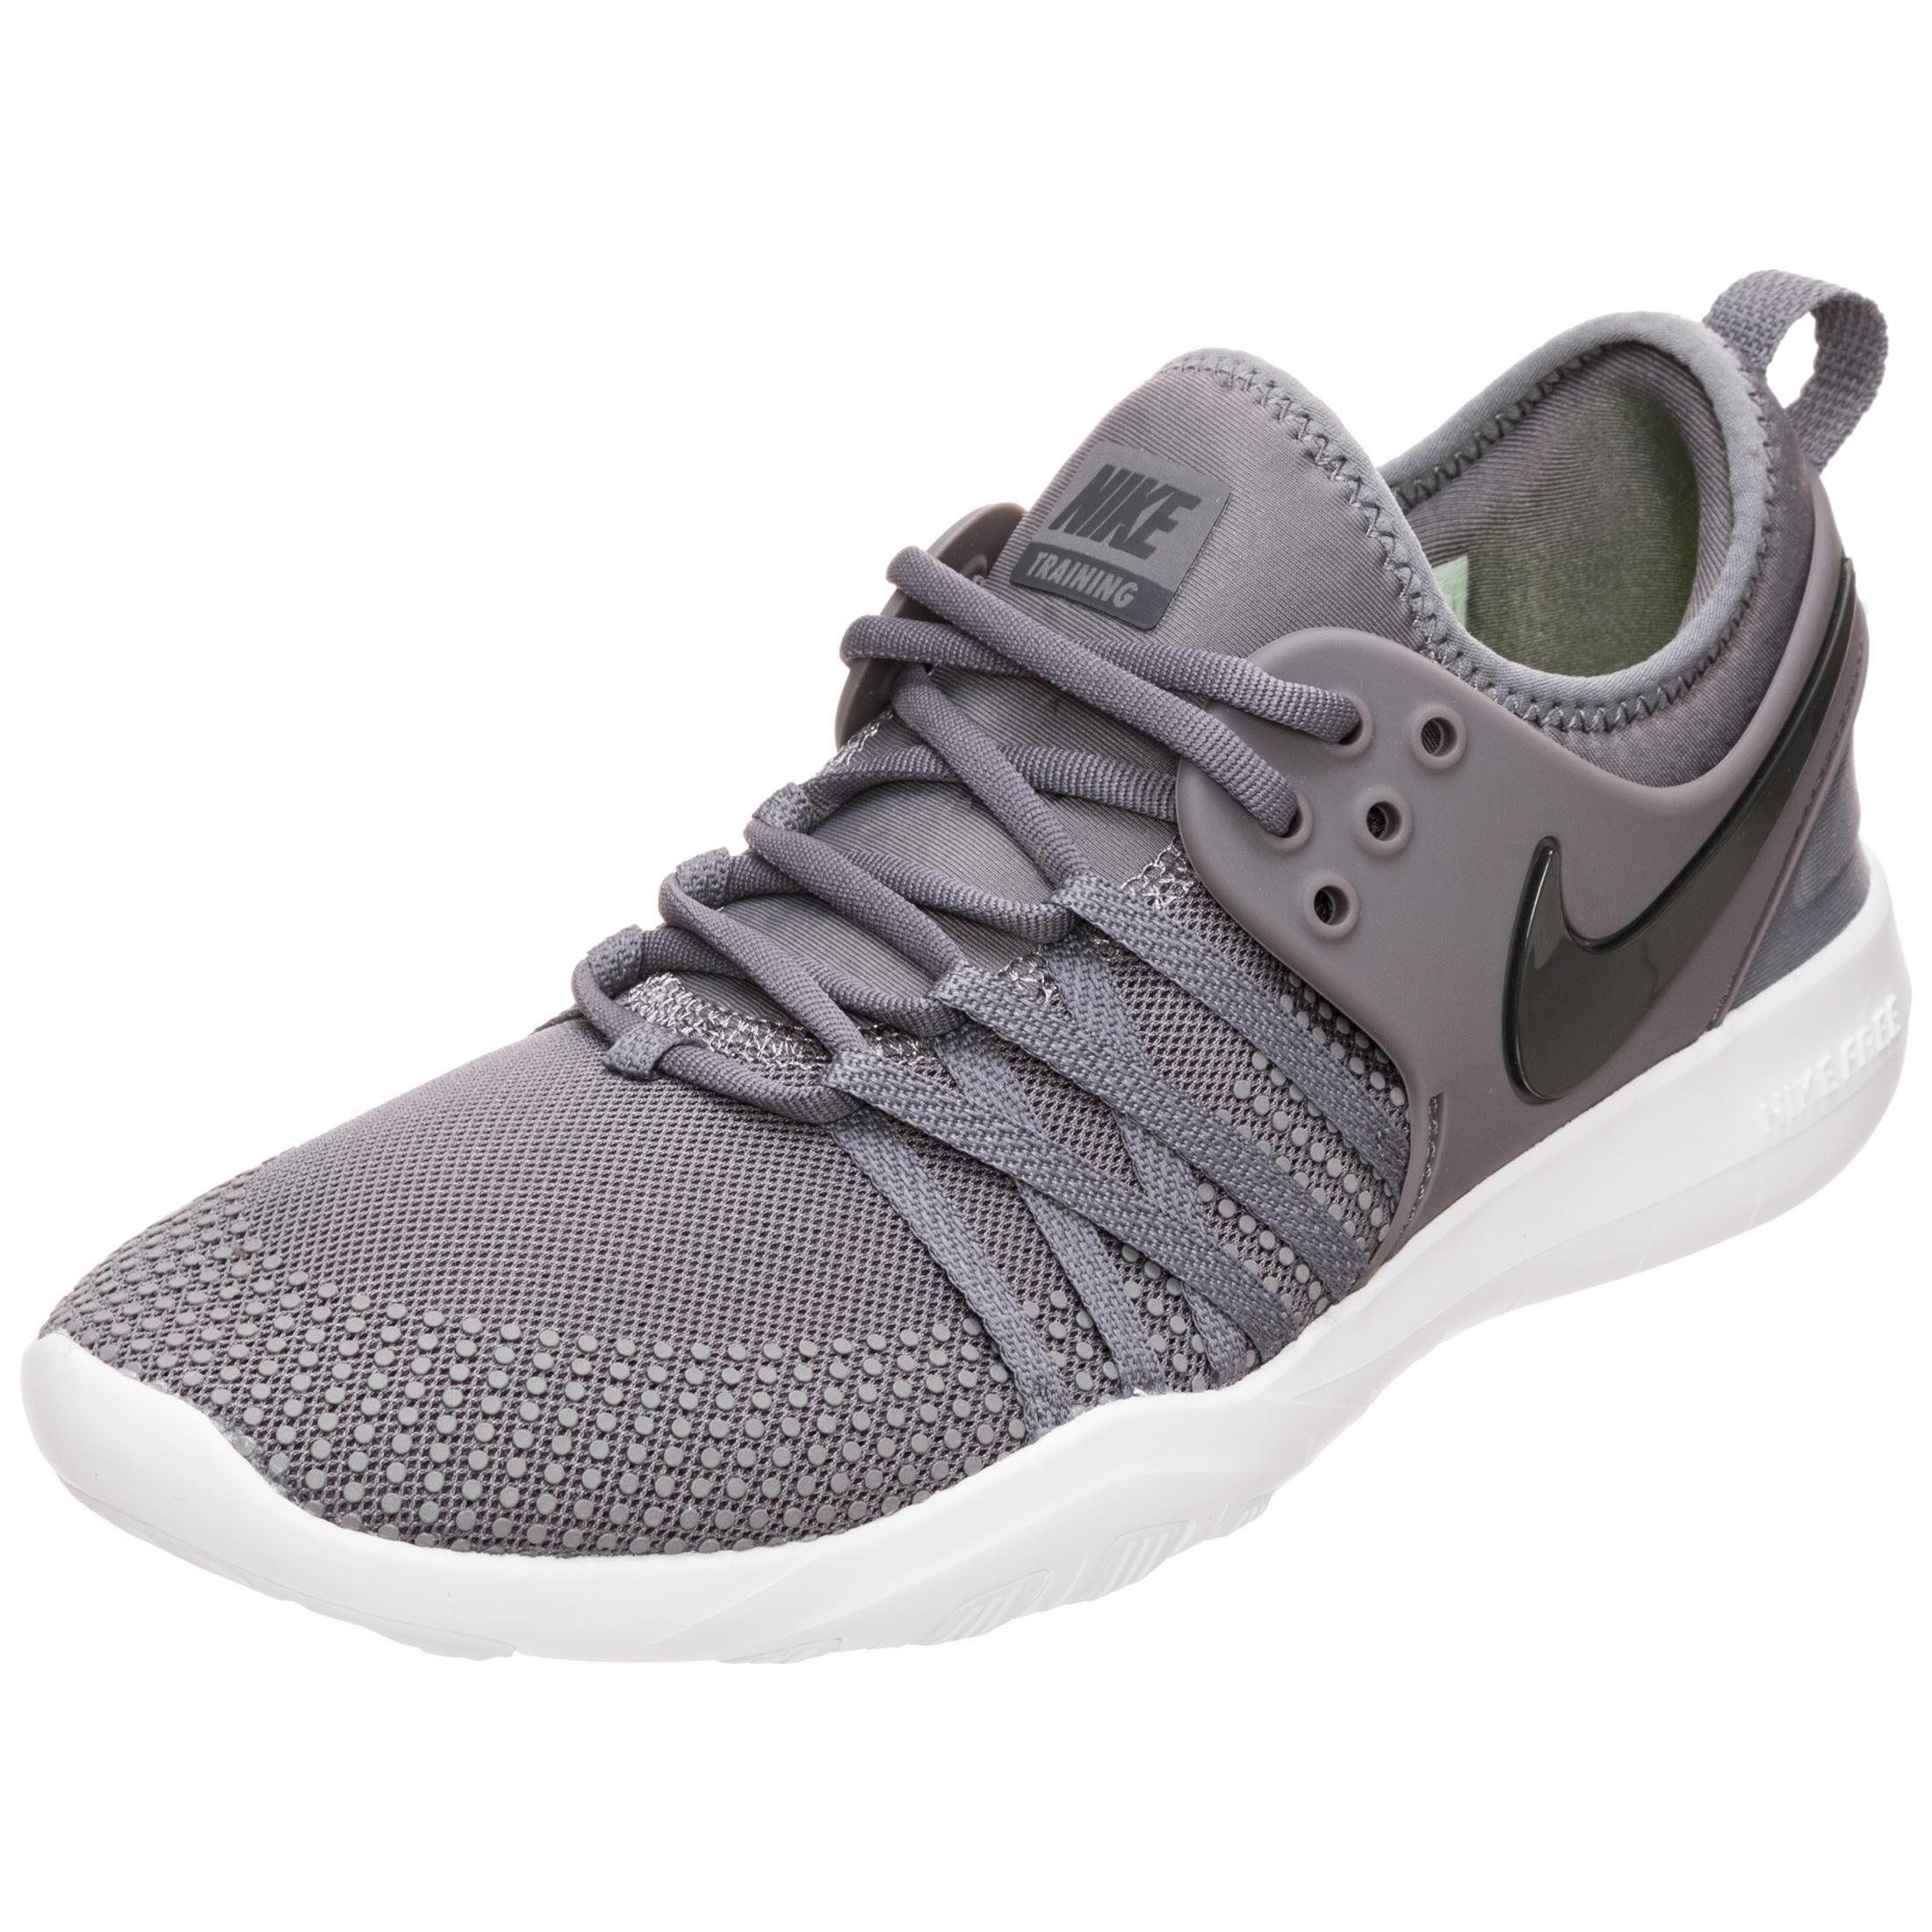 Nike Free Trainer 7 Fitnessschuhe Damen grau / weiß im Online Shop von  SportScheck kaufen